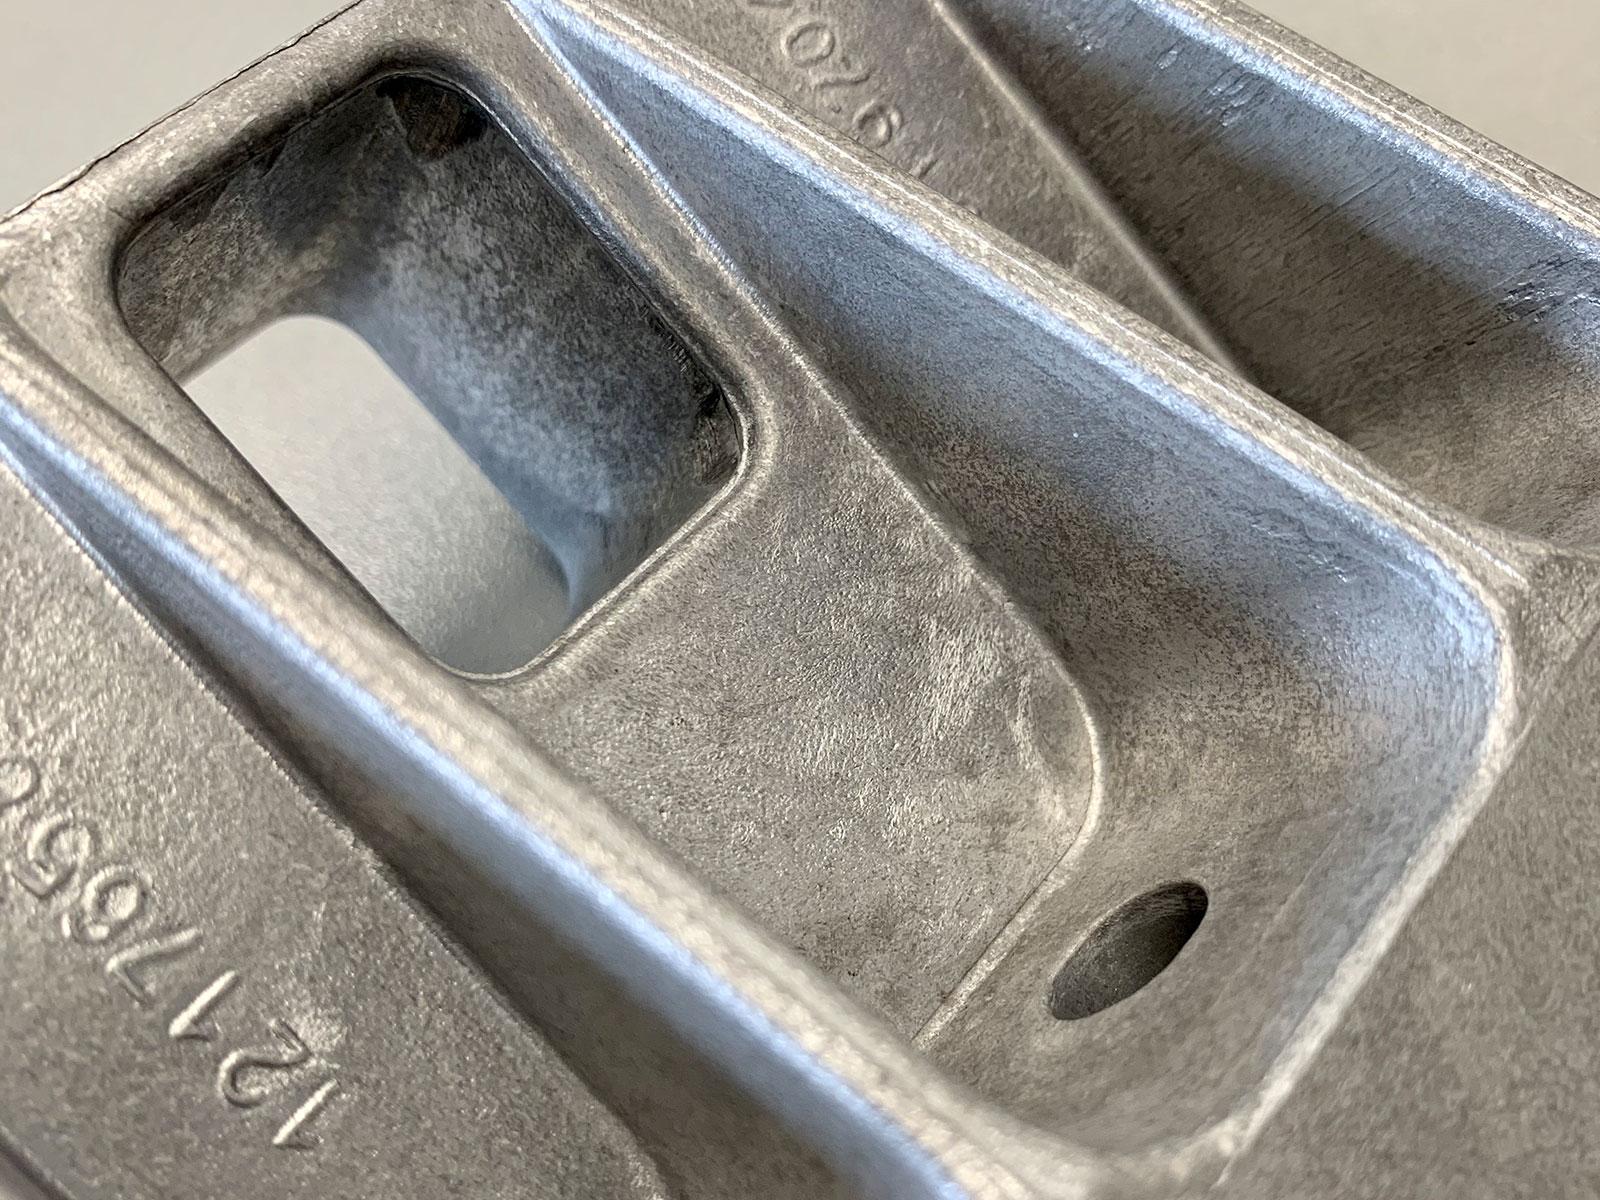 Aluminiumgussteile werden geschliffen und poliert